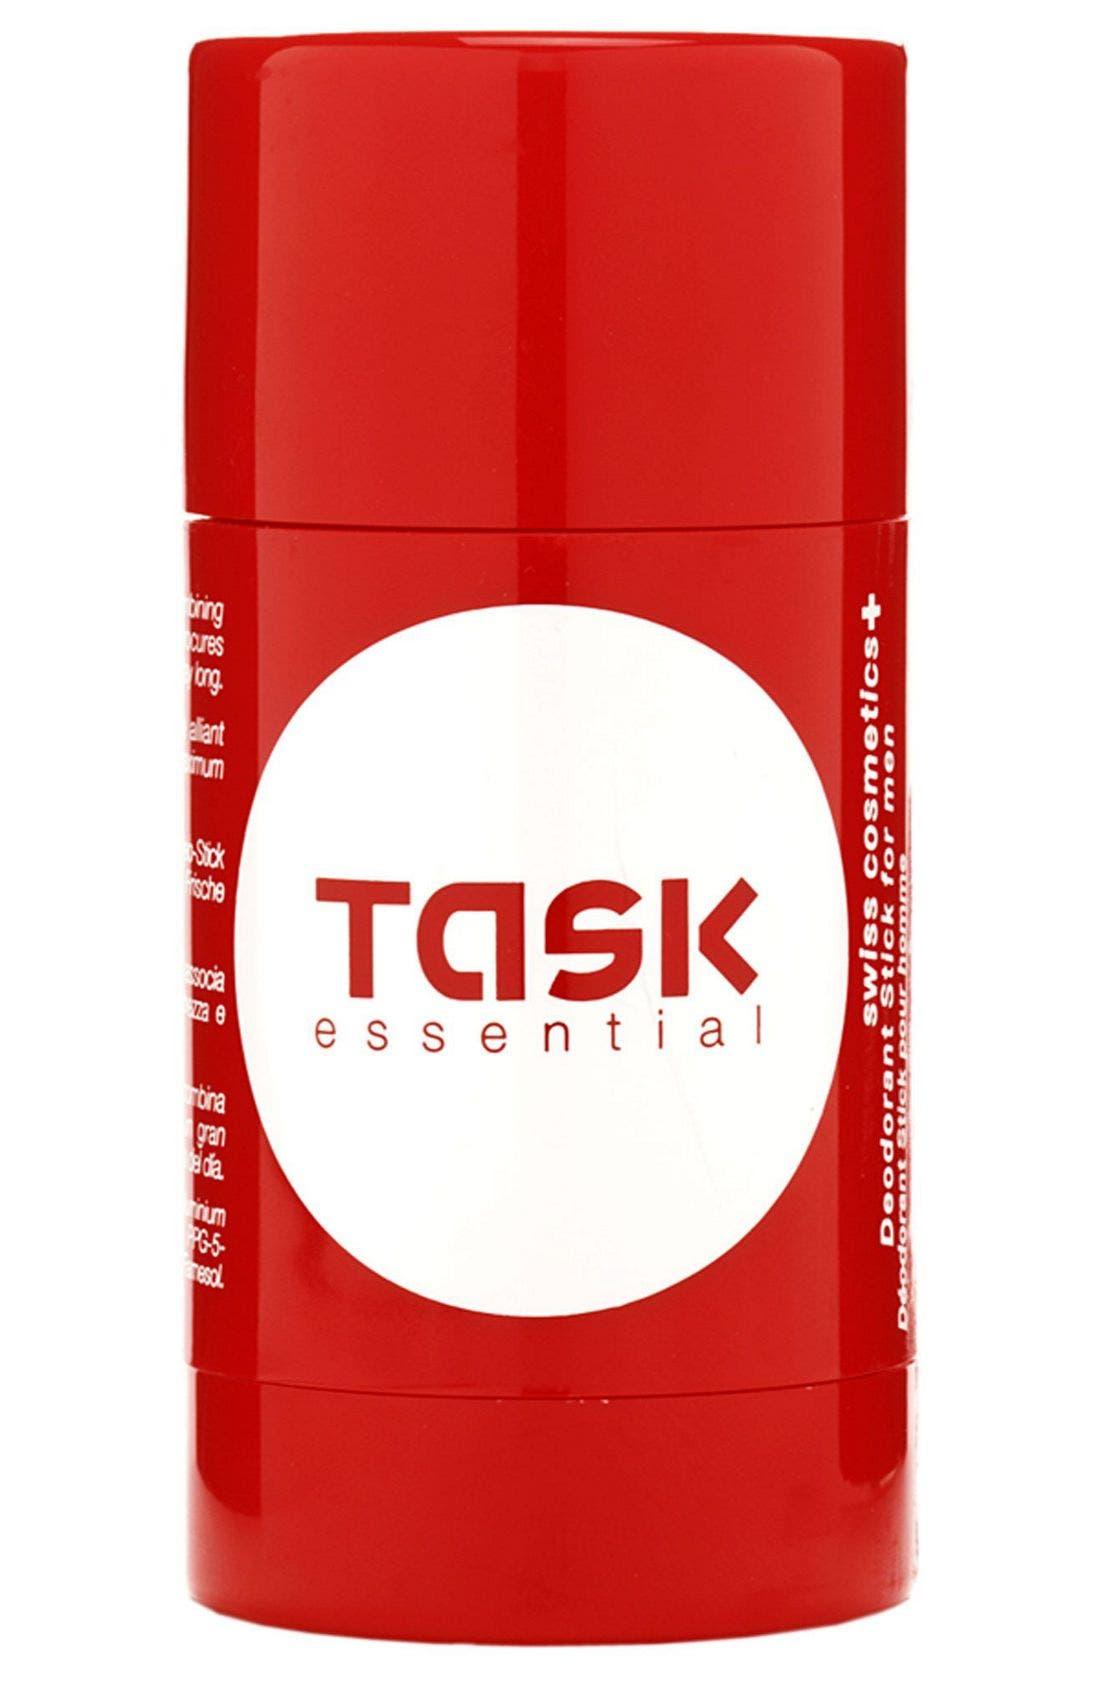 TASK ESSENTIAL Deodorant, Main, color, 000